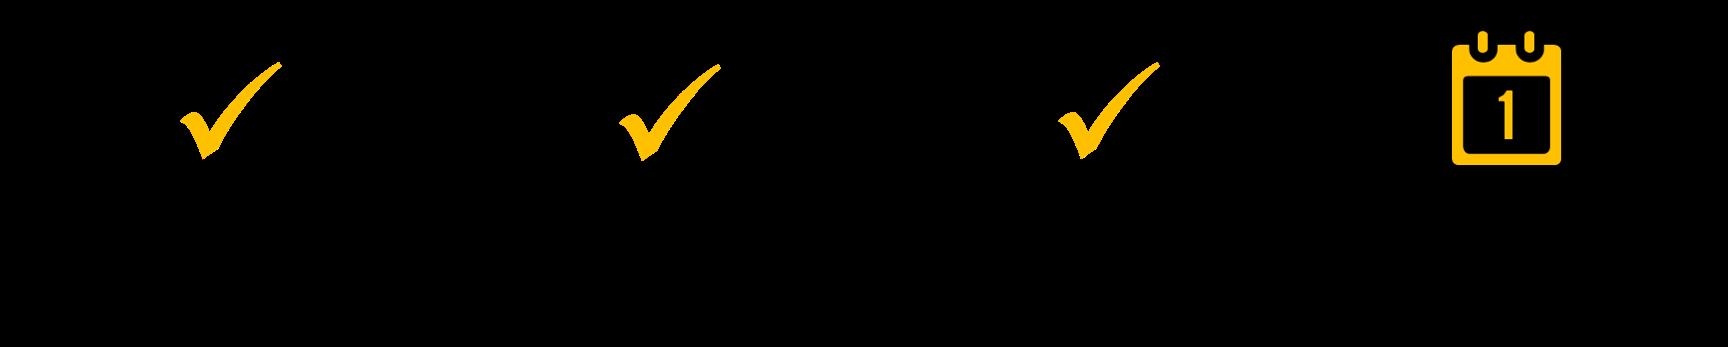 facture électronique 01/01/2020